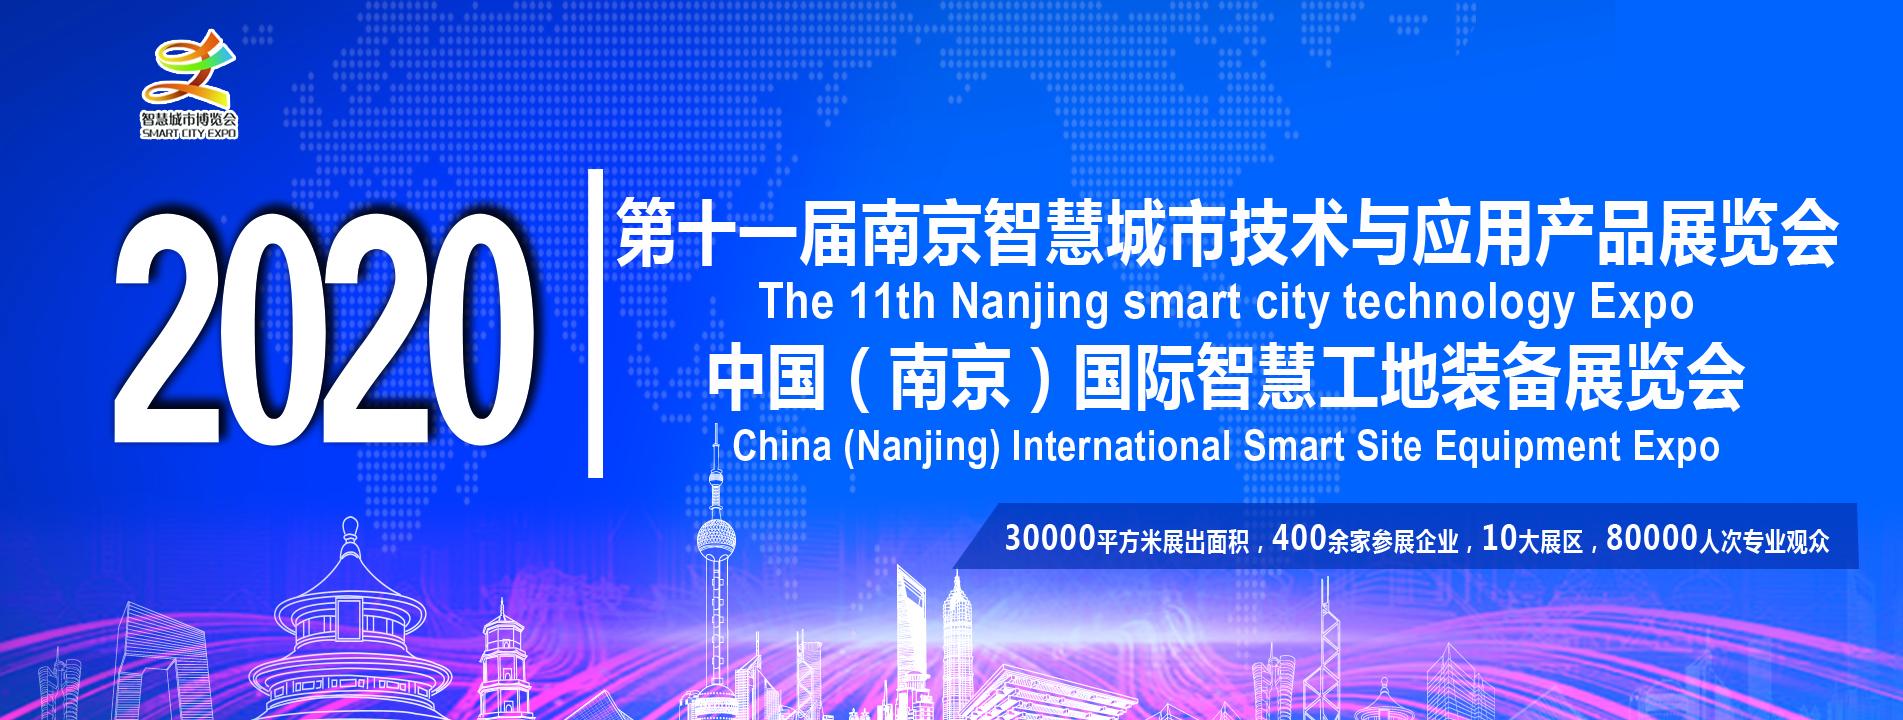 2020中国国际智慧城市、智慧工地展览会